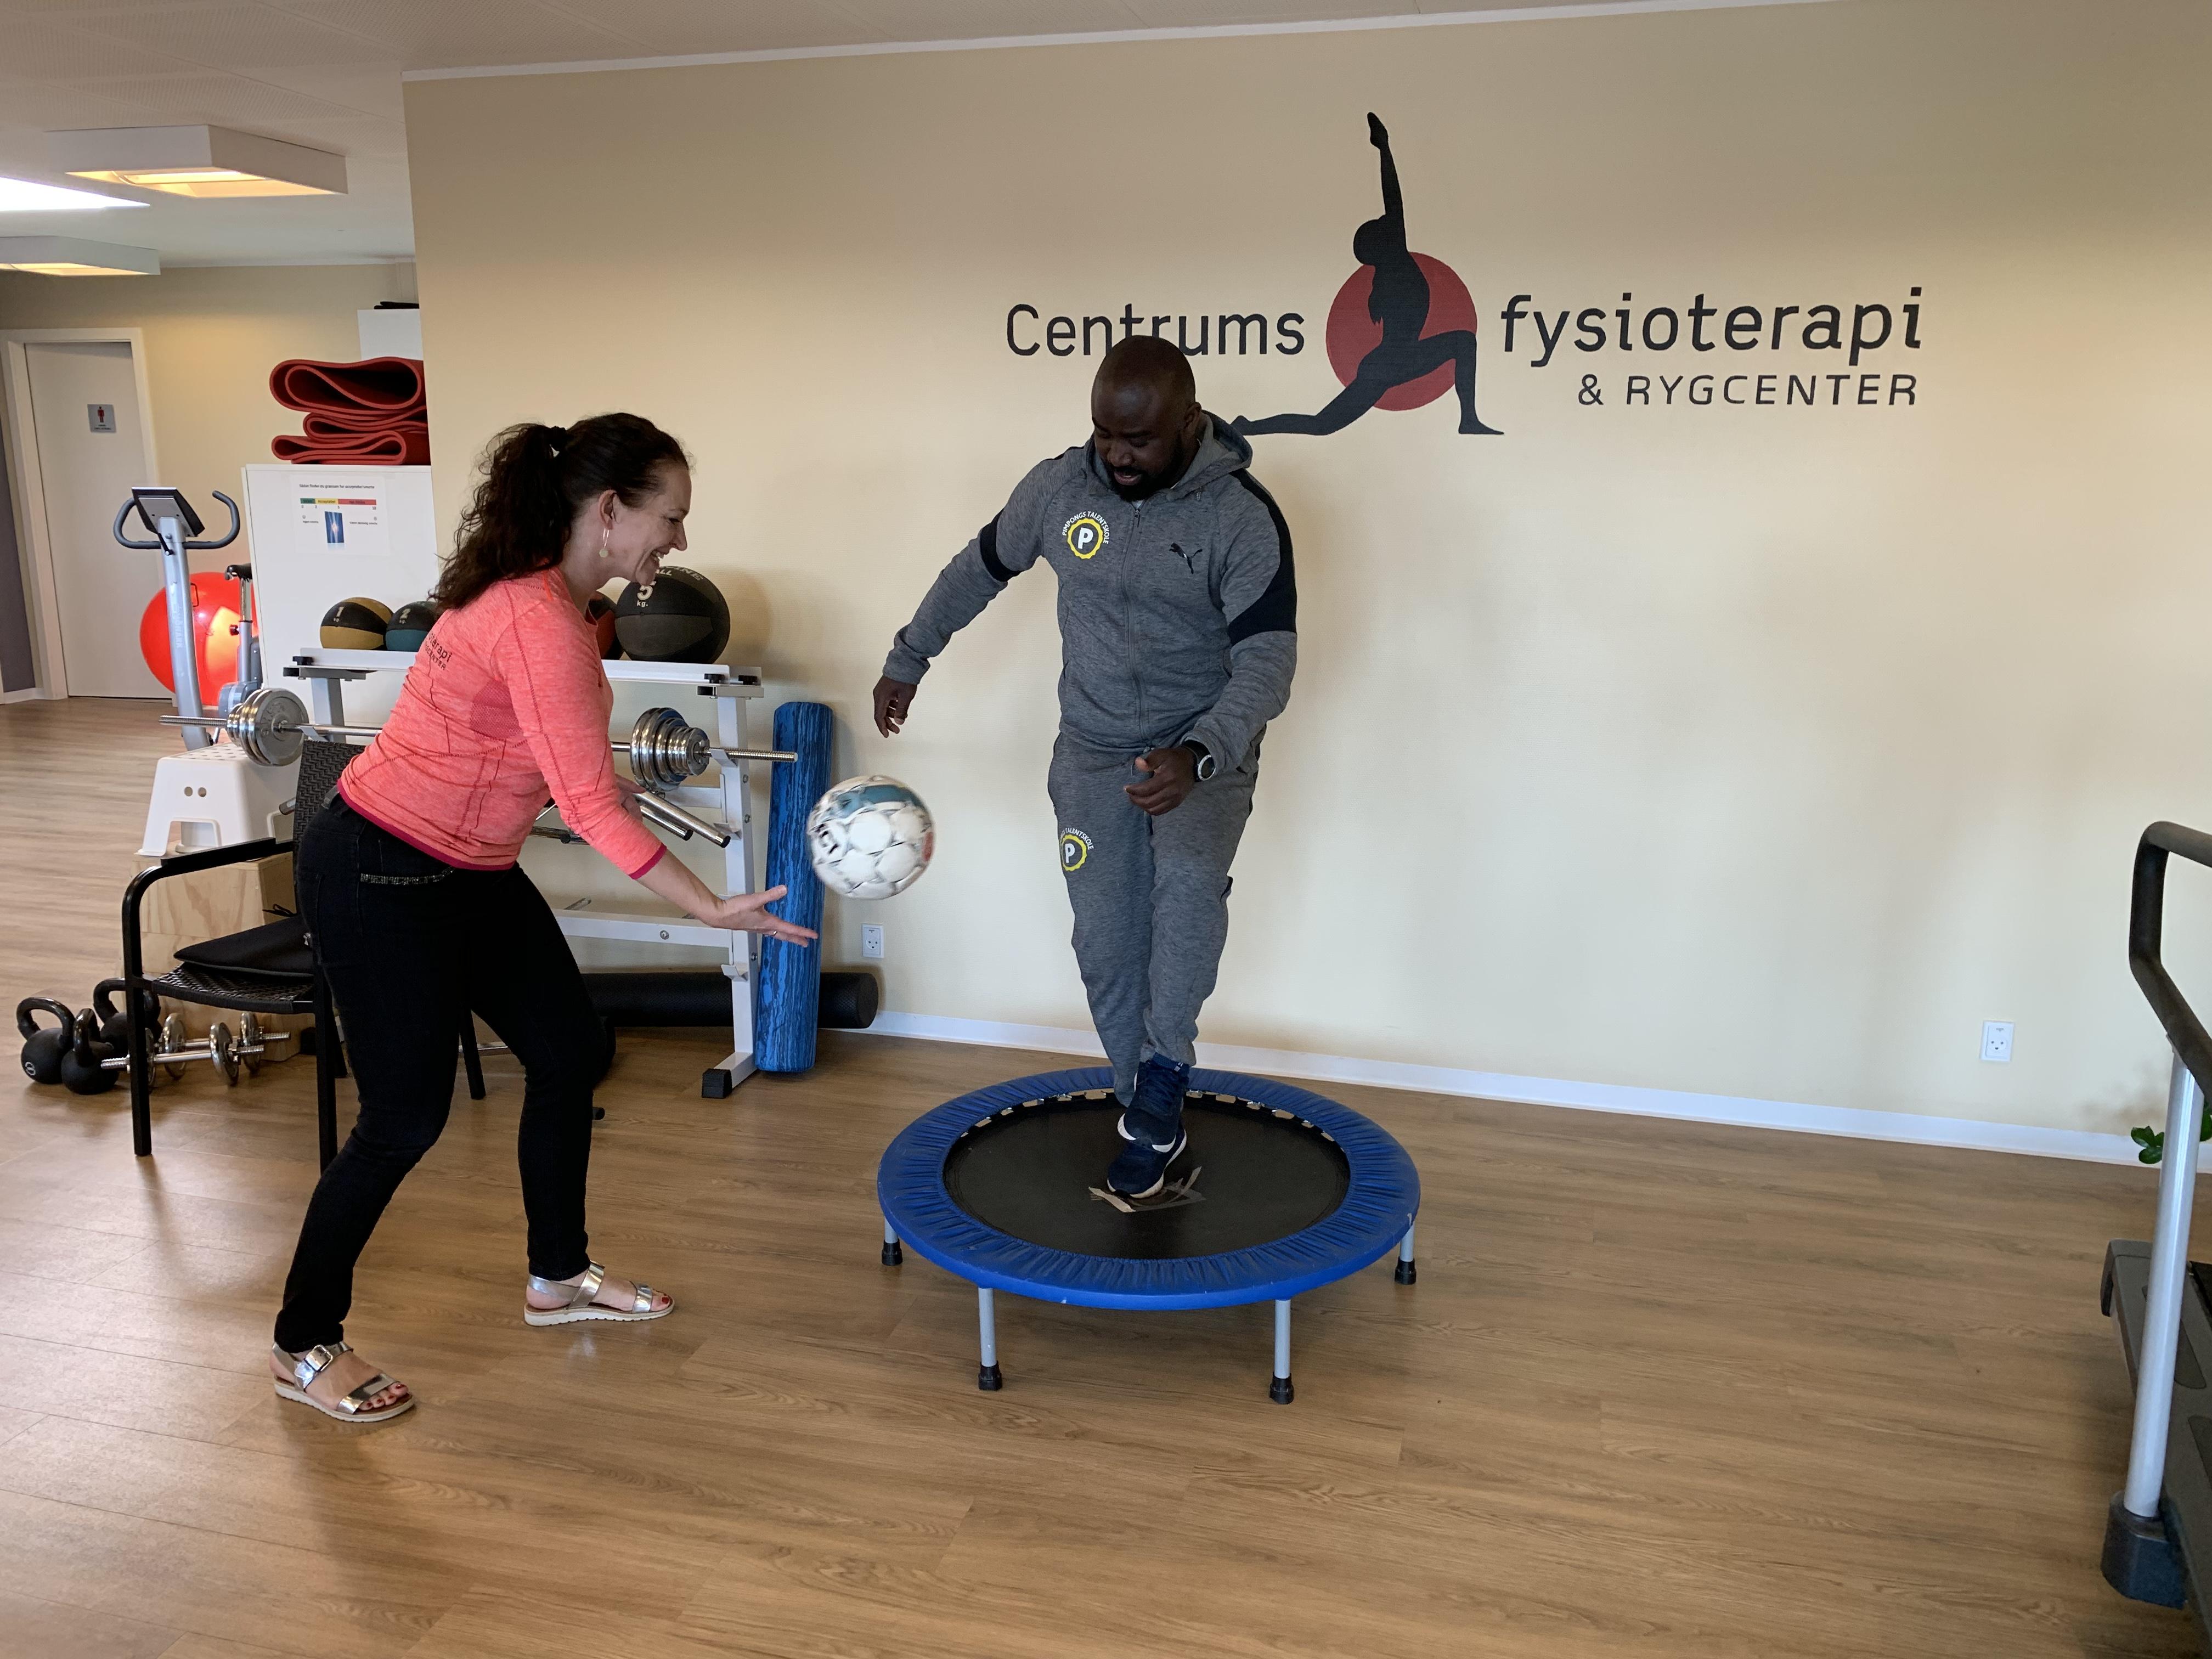 Centrum Fysioterapi Viborg